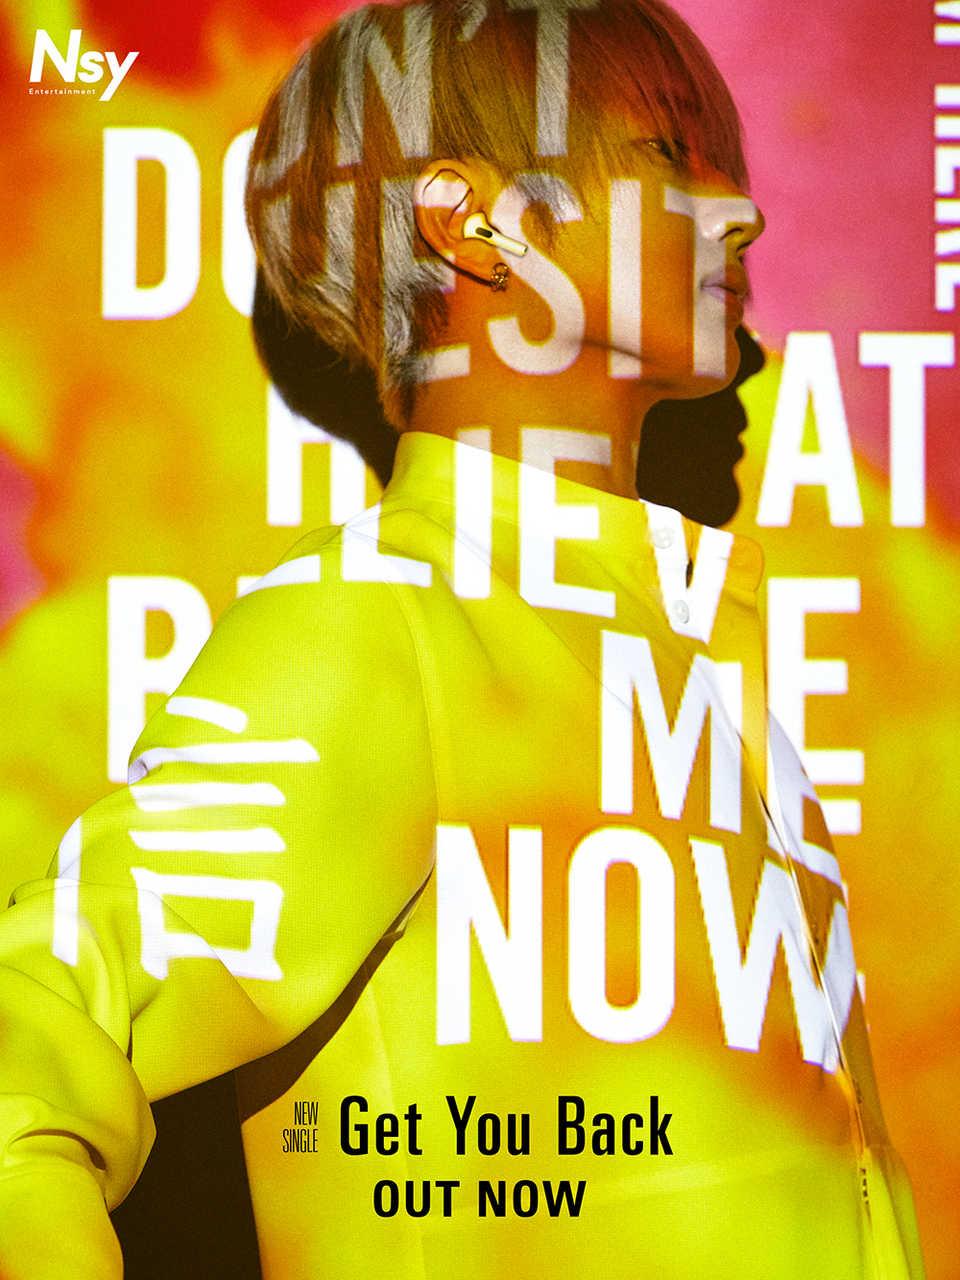 Nissy、新曲MV公開!世界最高峰コレオグラファーによるダイナミックな振付にも注目